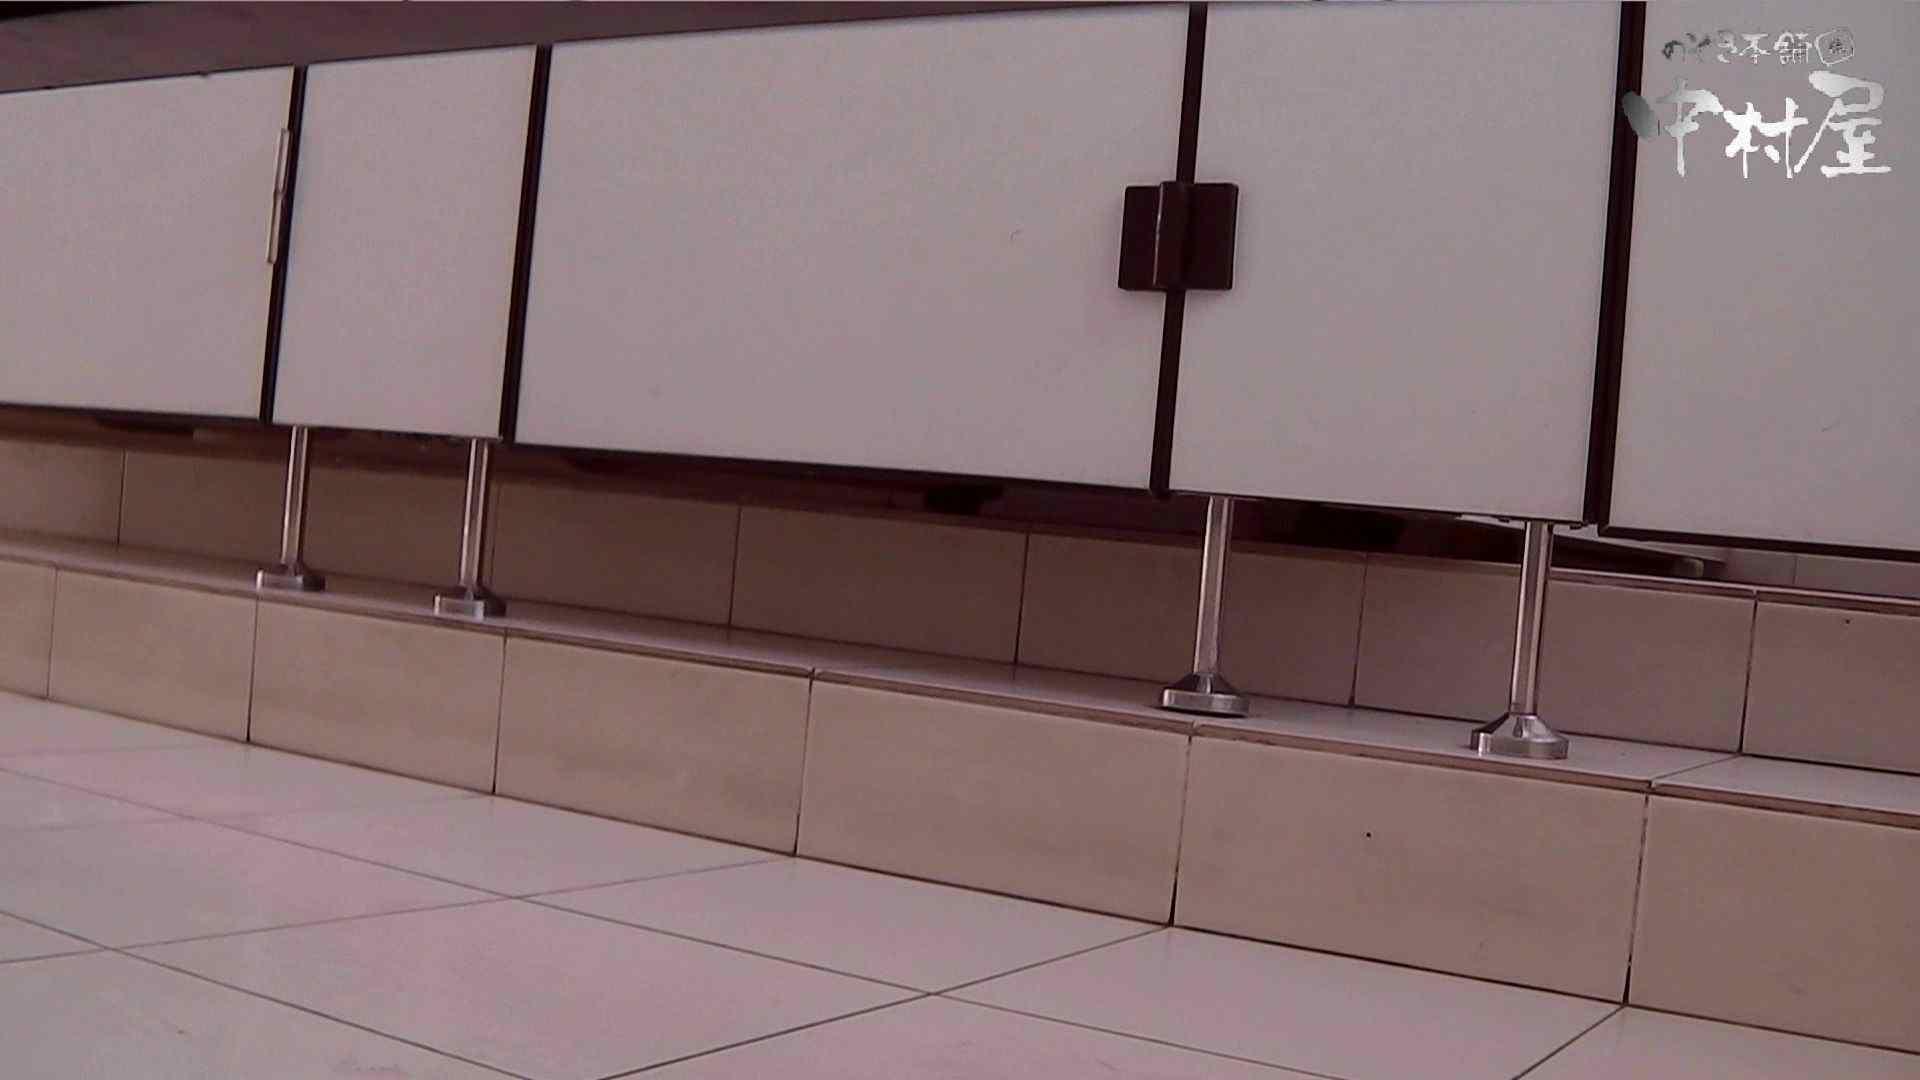 【世界の射窓から】世界の射窓から vol.4後編 OLエロ画像   洗面所  77PICs 65